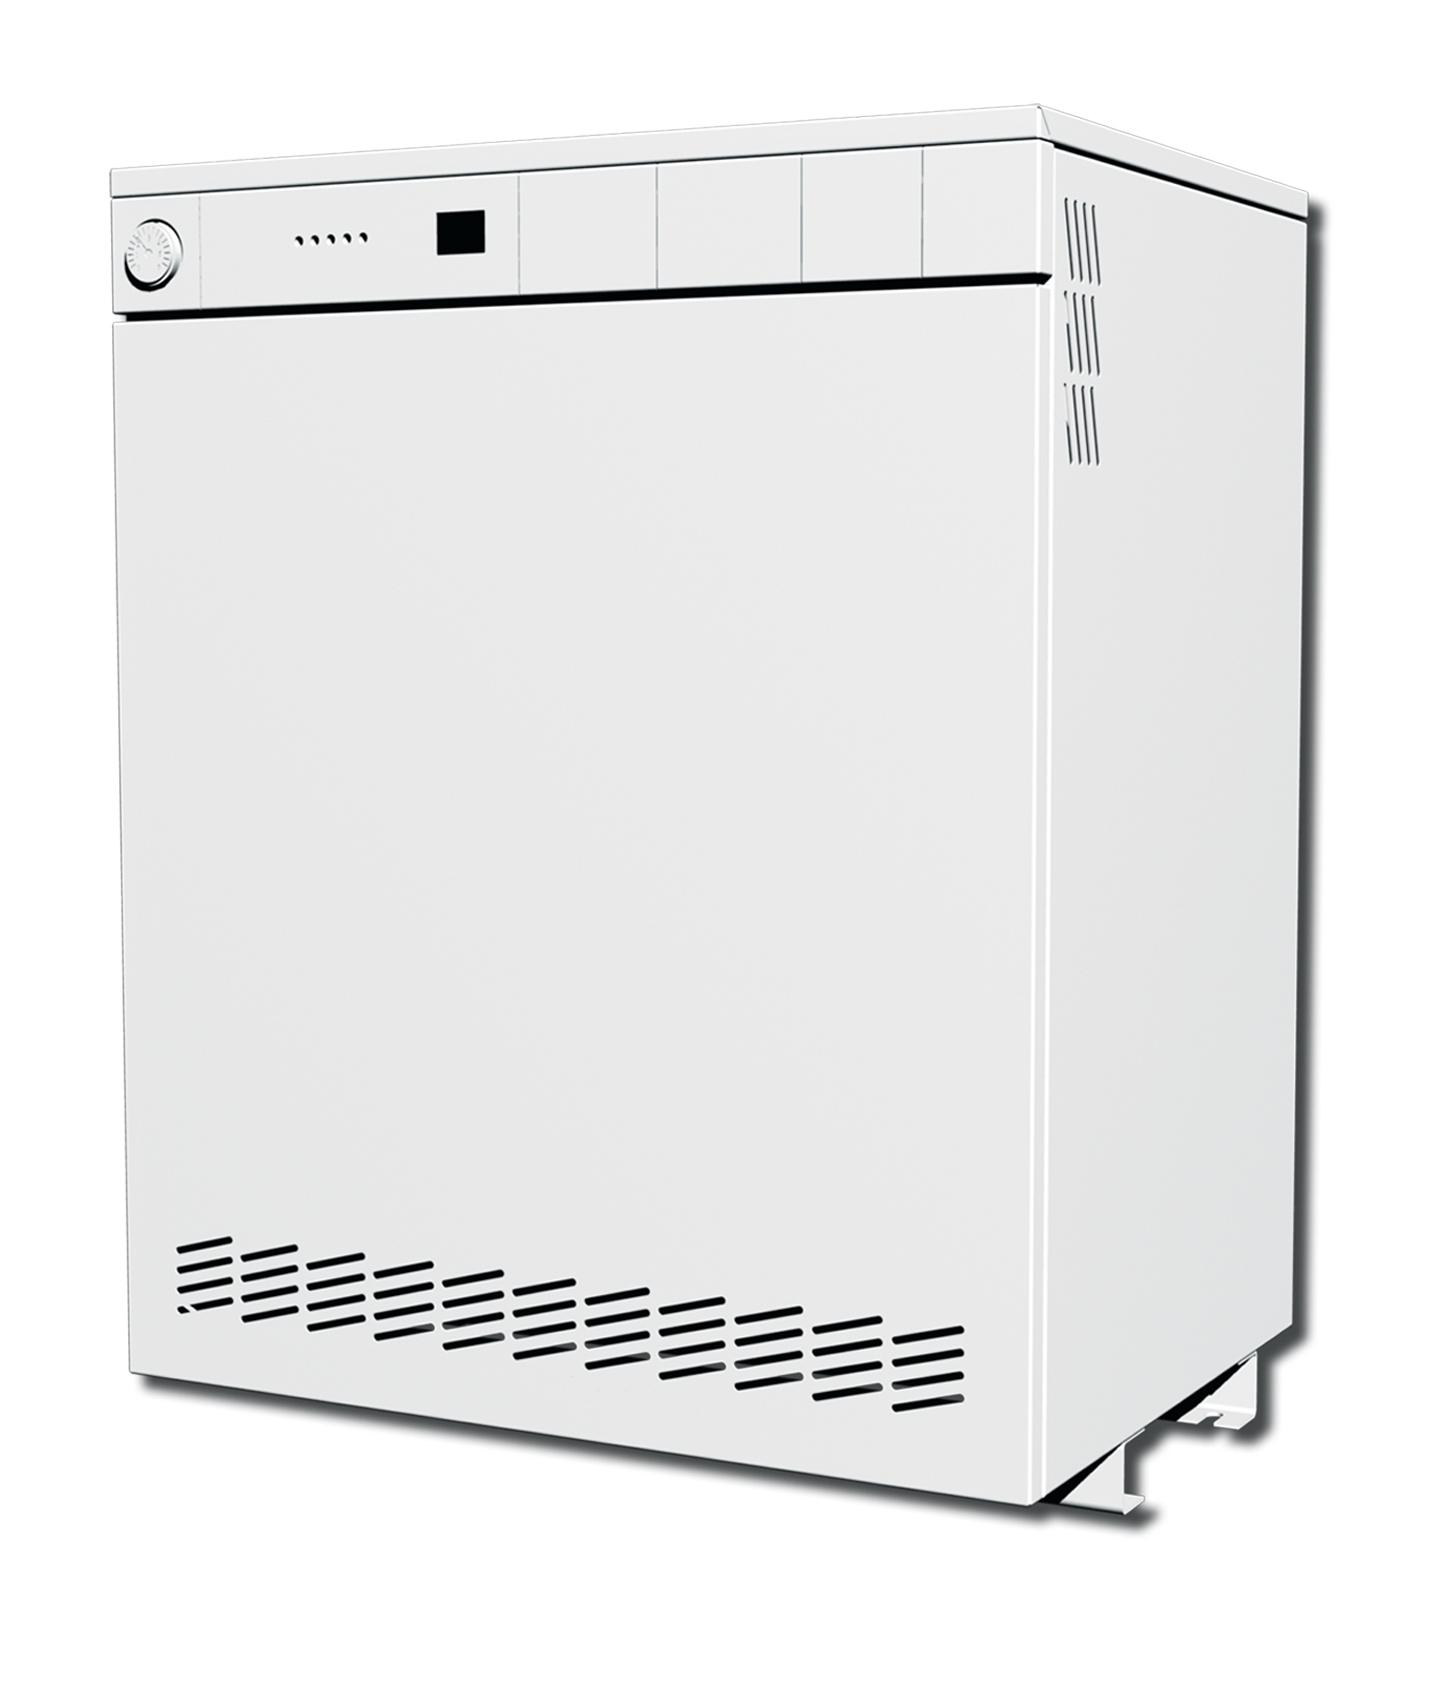 теплообменник отопление сделать